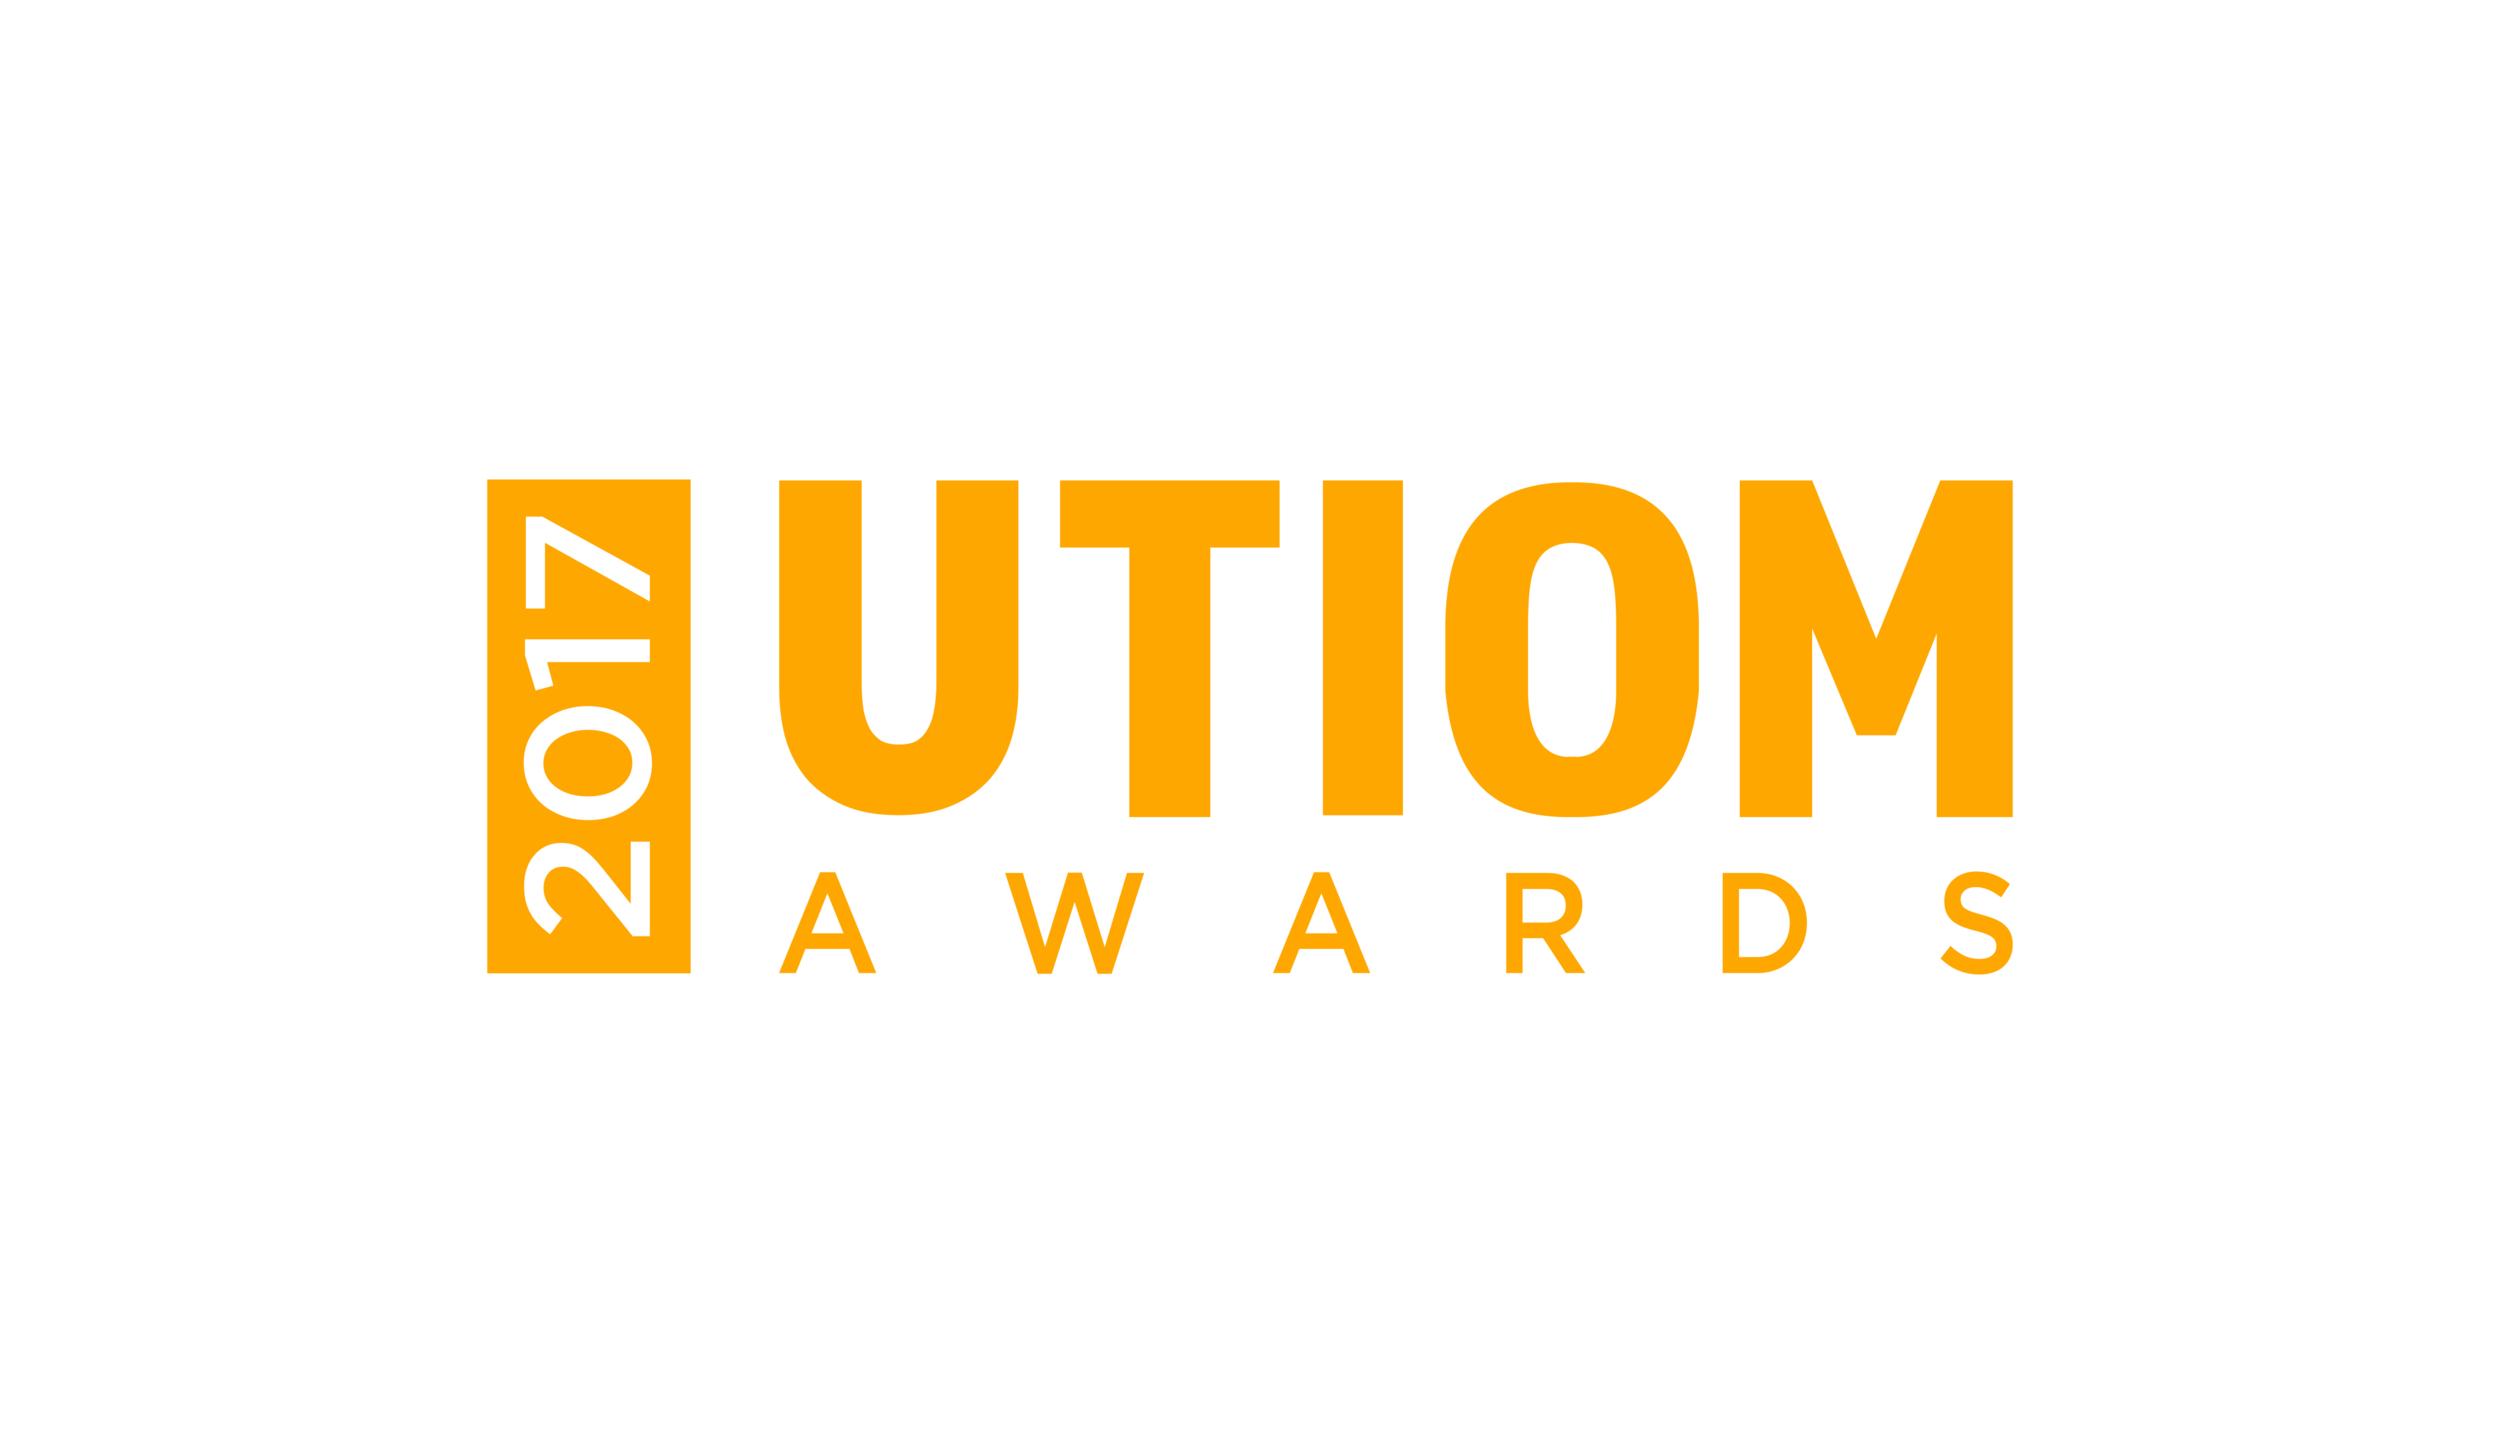 UTIOM_AWARDS_INSTA.png